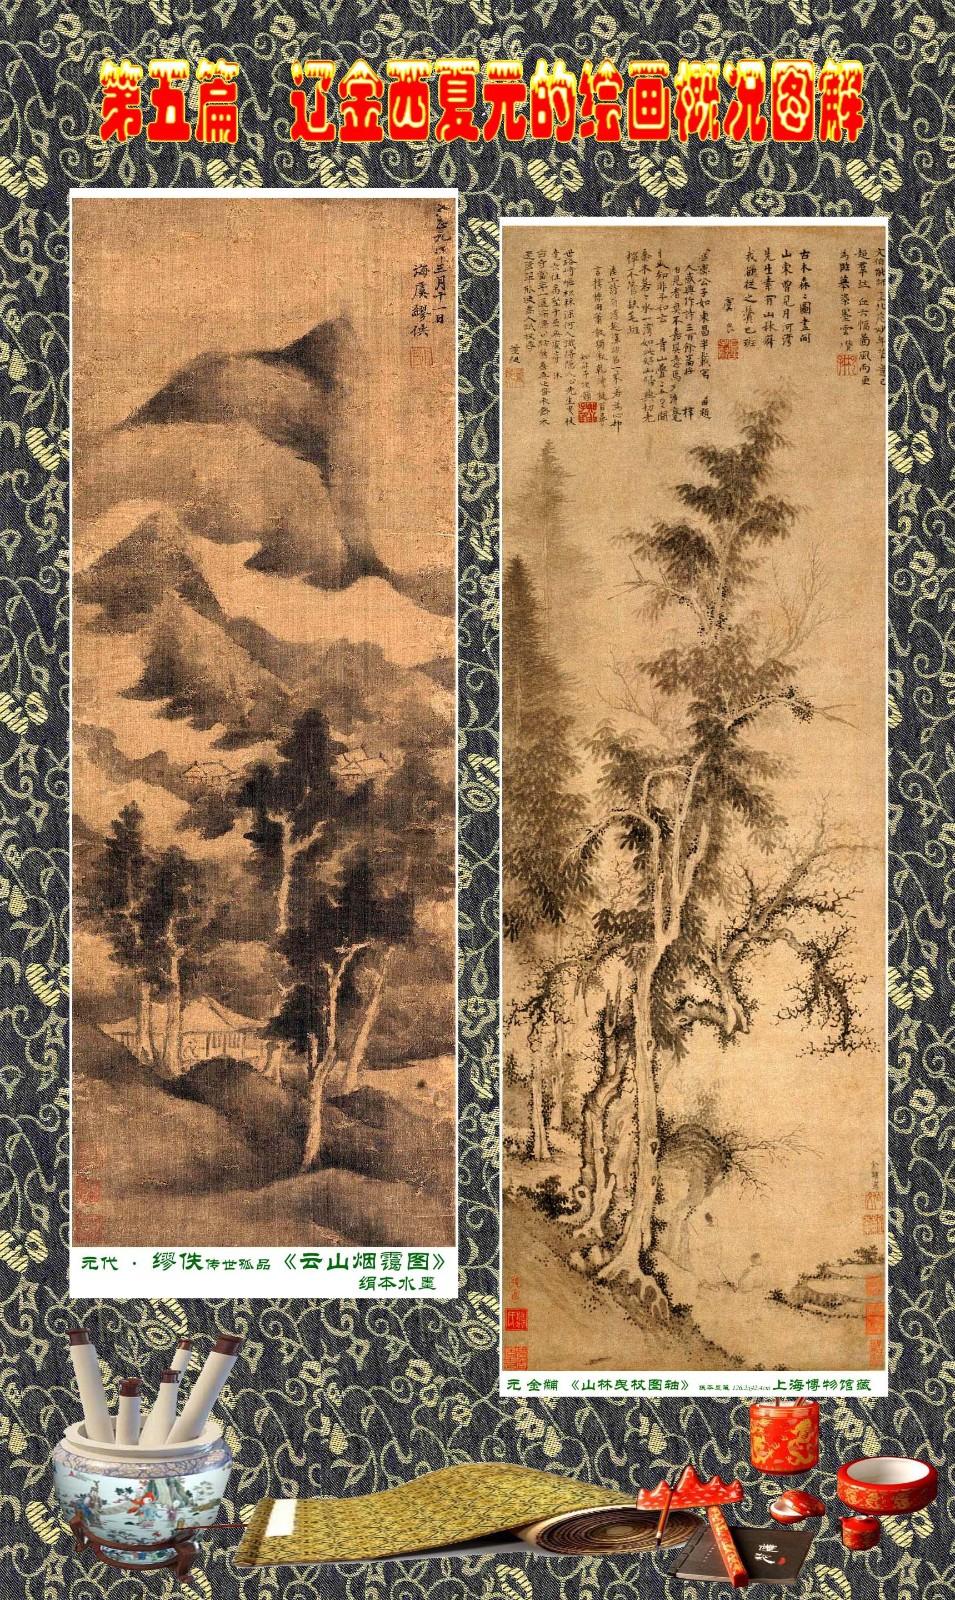 顾绍骅编辑 中国画知识普及版 第五篇 辽金西夏元的绘画概况 下 ... ..._图1-107